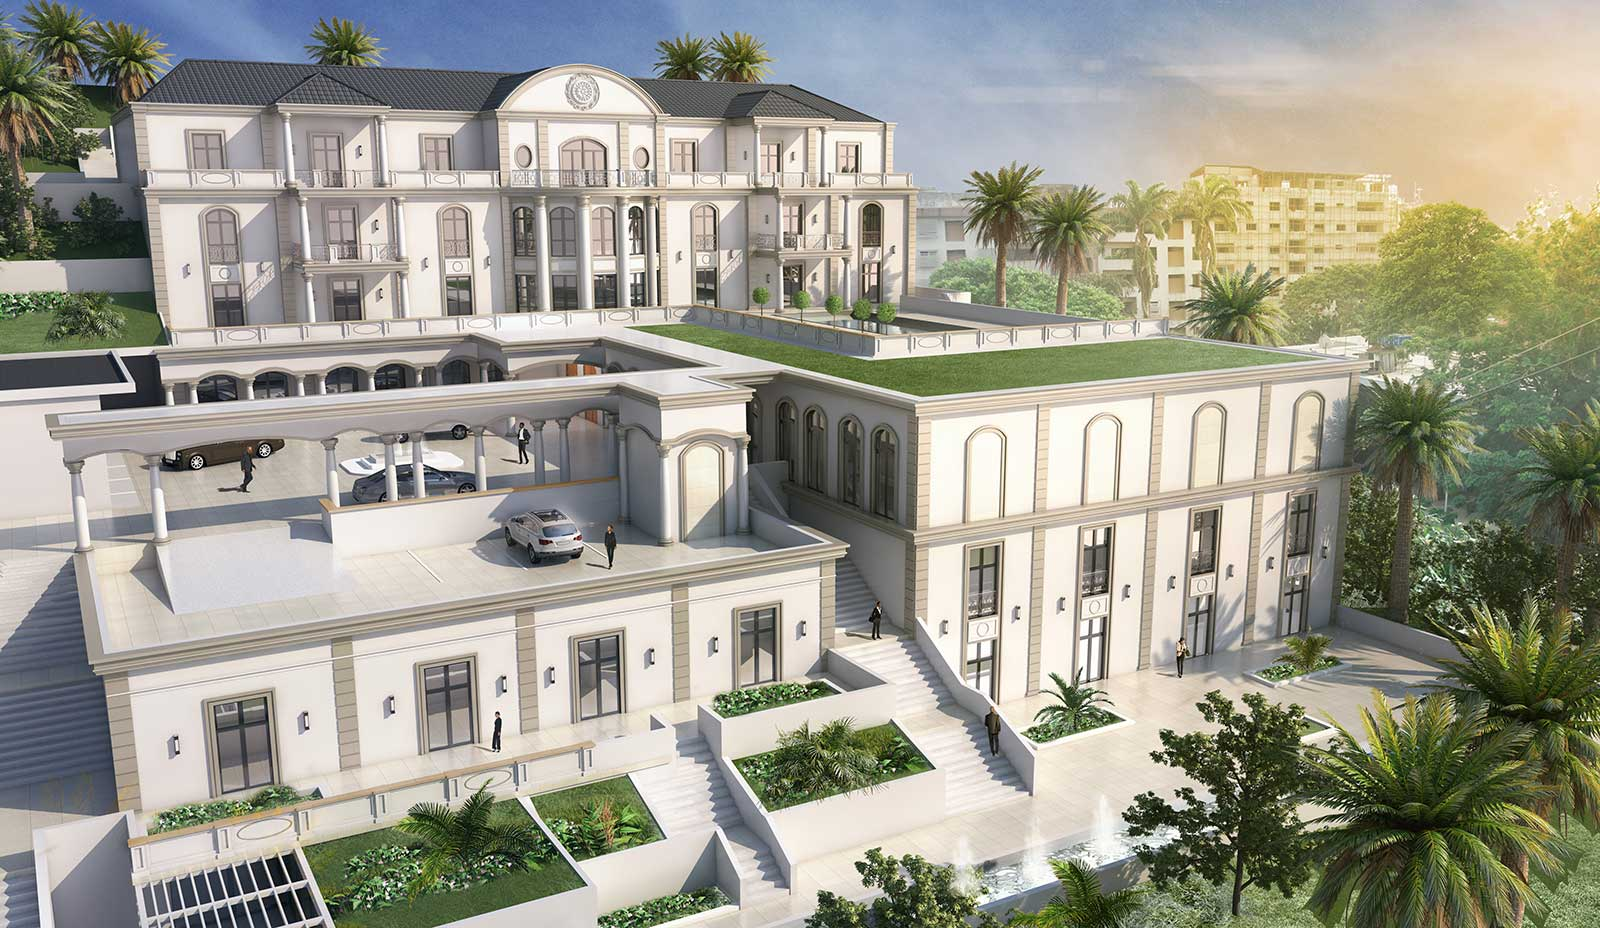 Villa - Architekturvisualisierung  Aussen